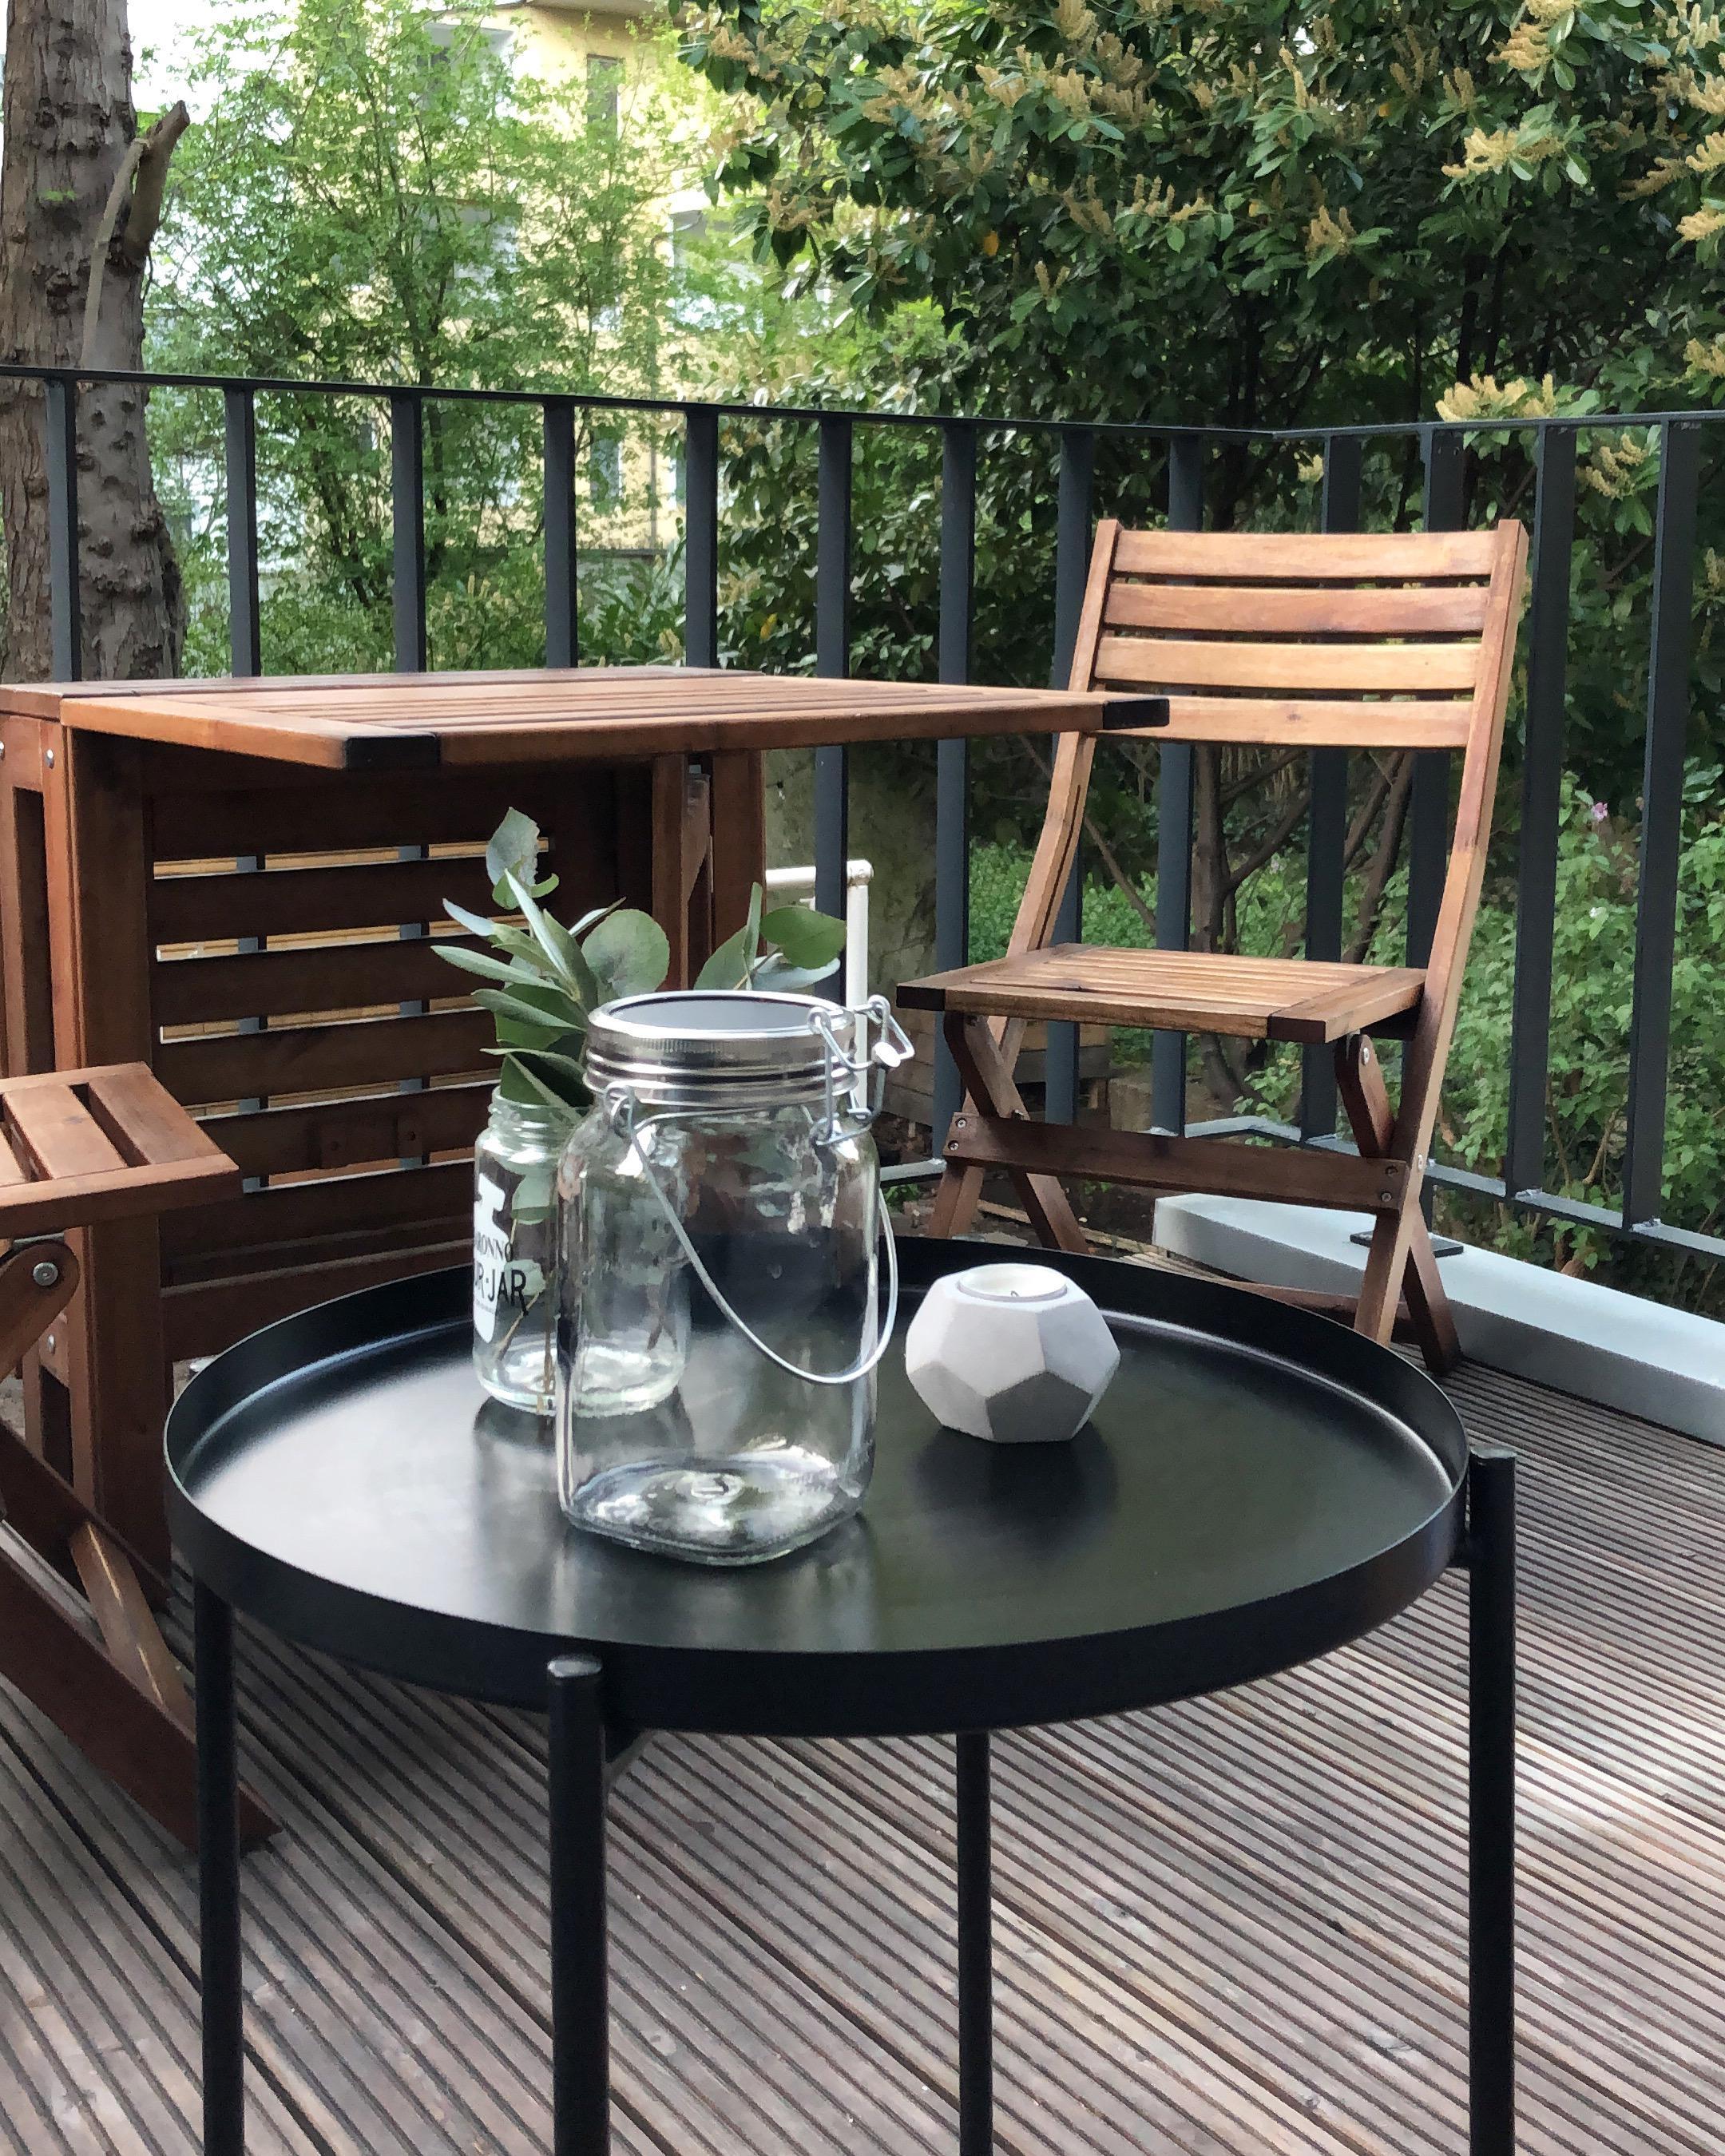 Terrasse dekorieren • Bilder & Ideen • COUCH